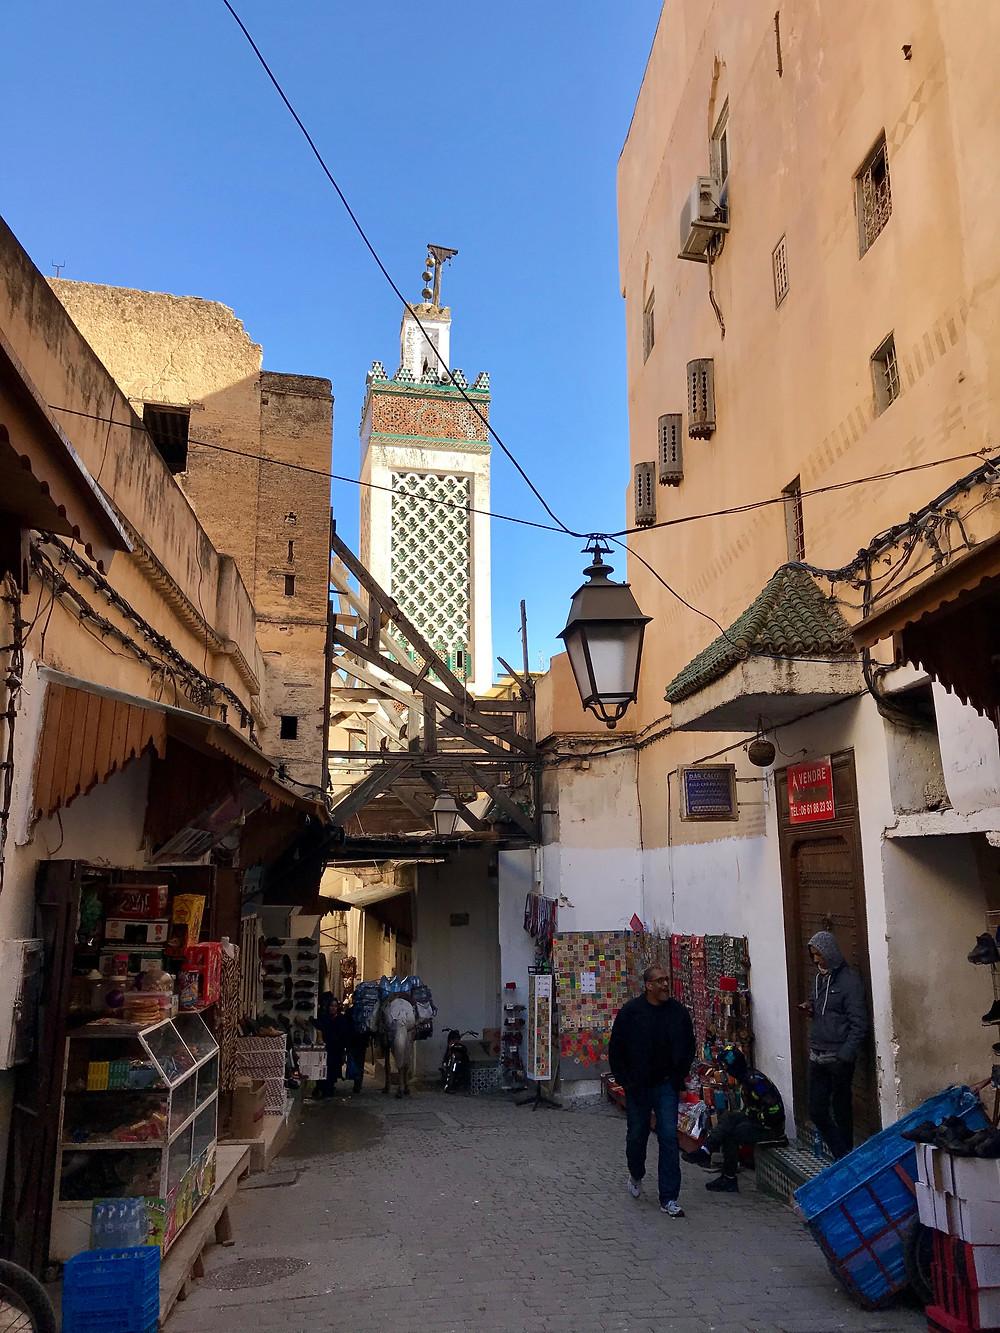 Zocos en la ciudad de Fez, en Marruecos